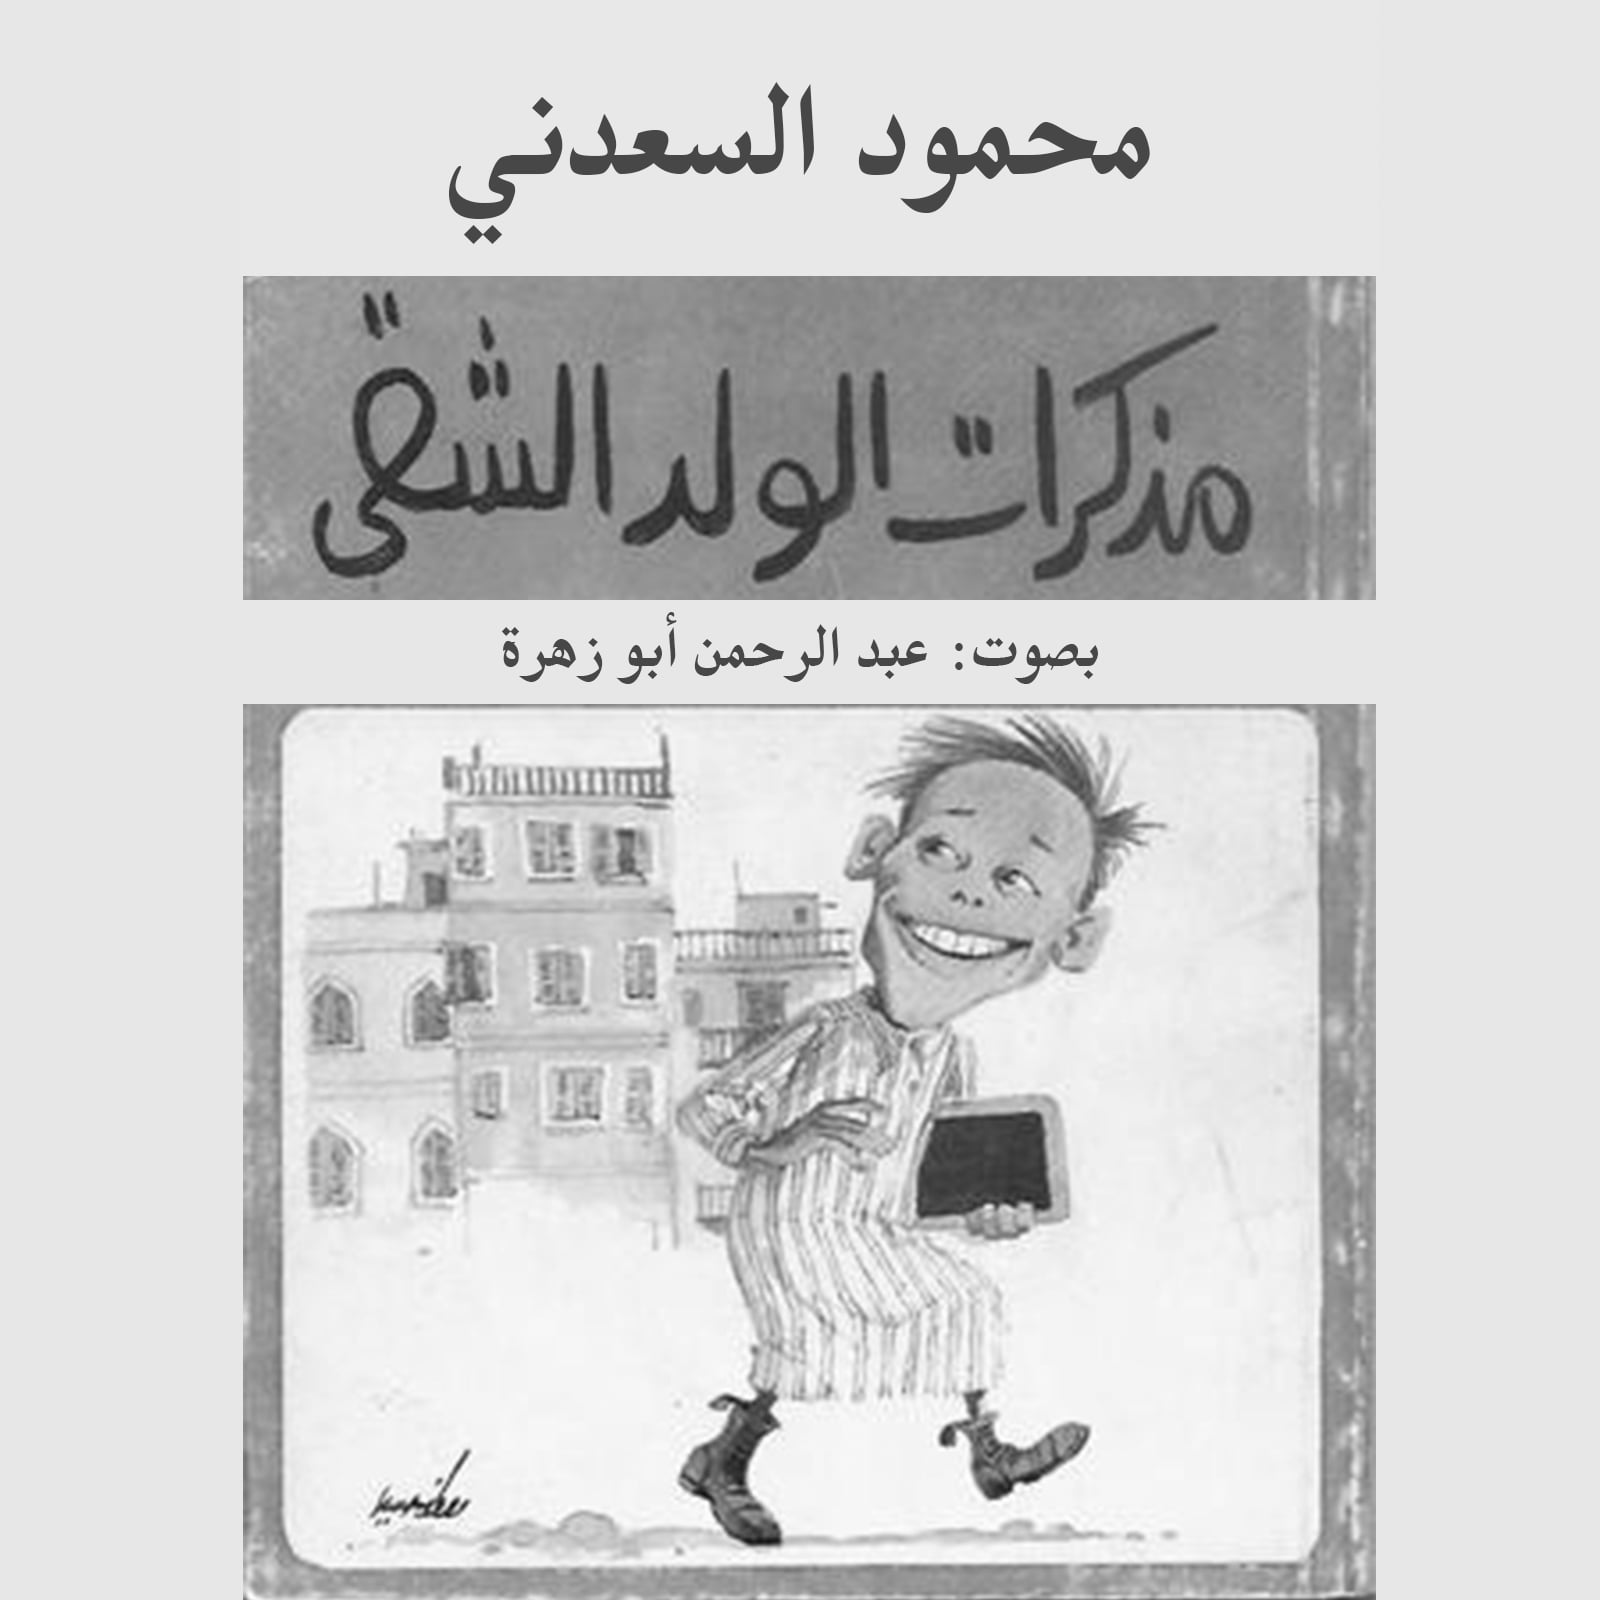 مذكرات الولد الشقي غلاف مذكرات الولد الشقي محمود السعدني